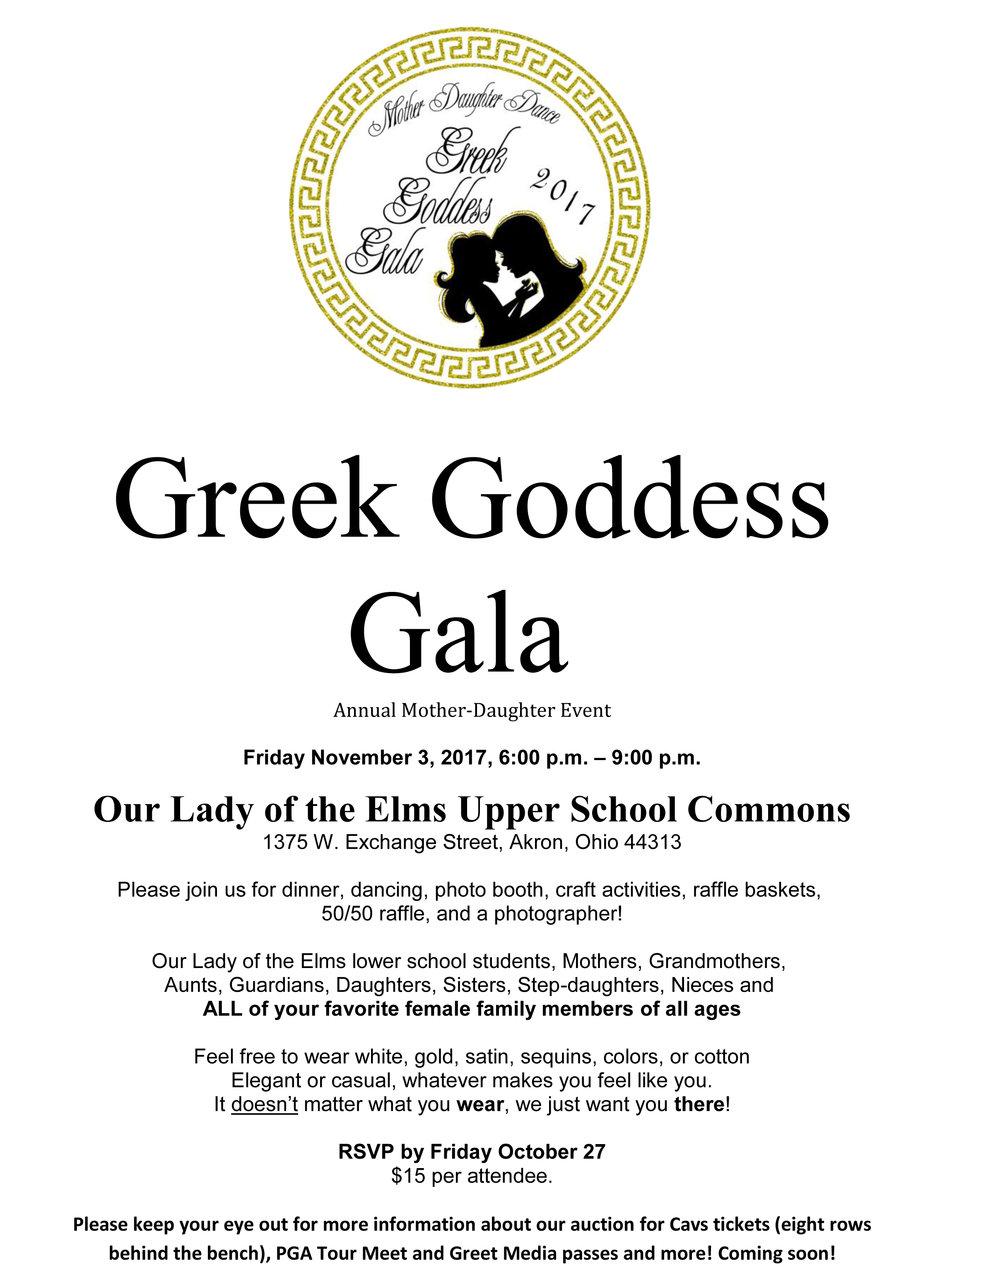 Greek Goddess Gala.jpg